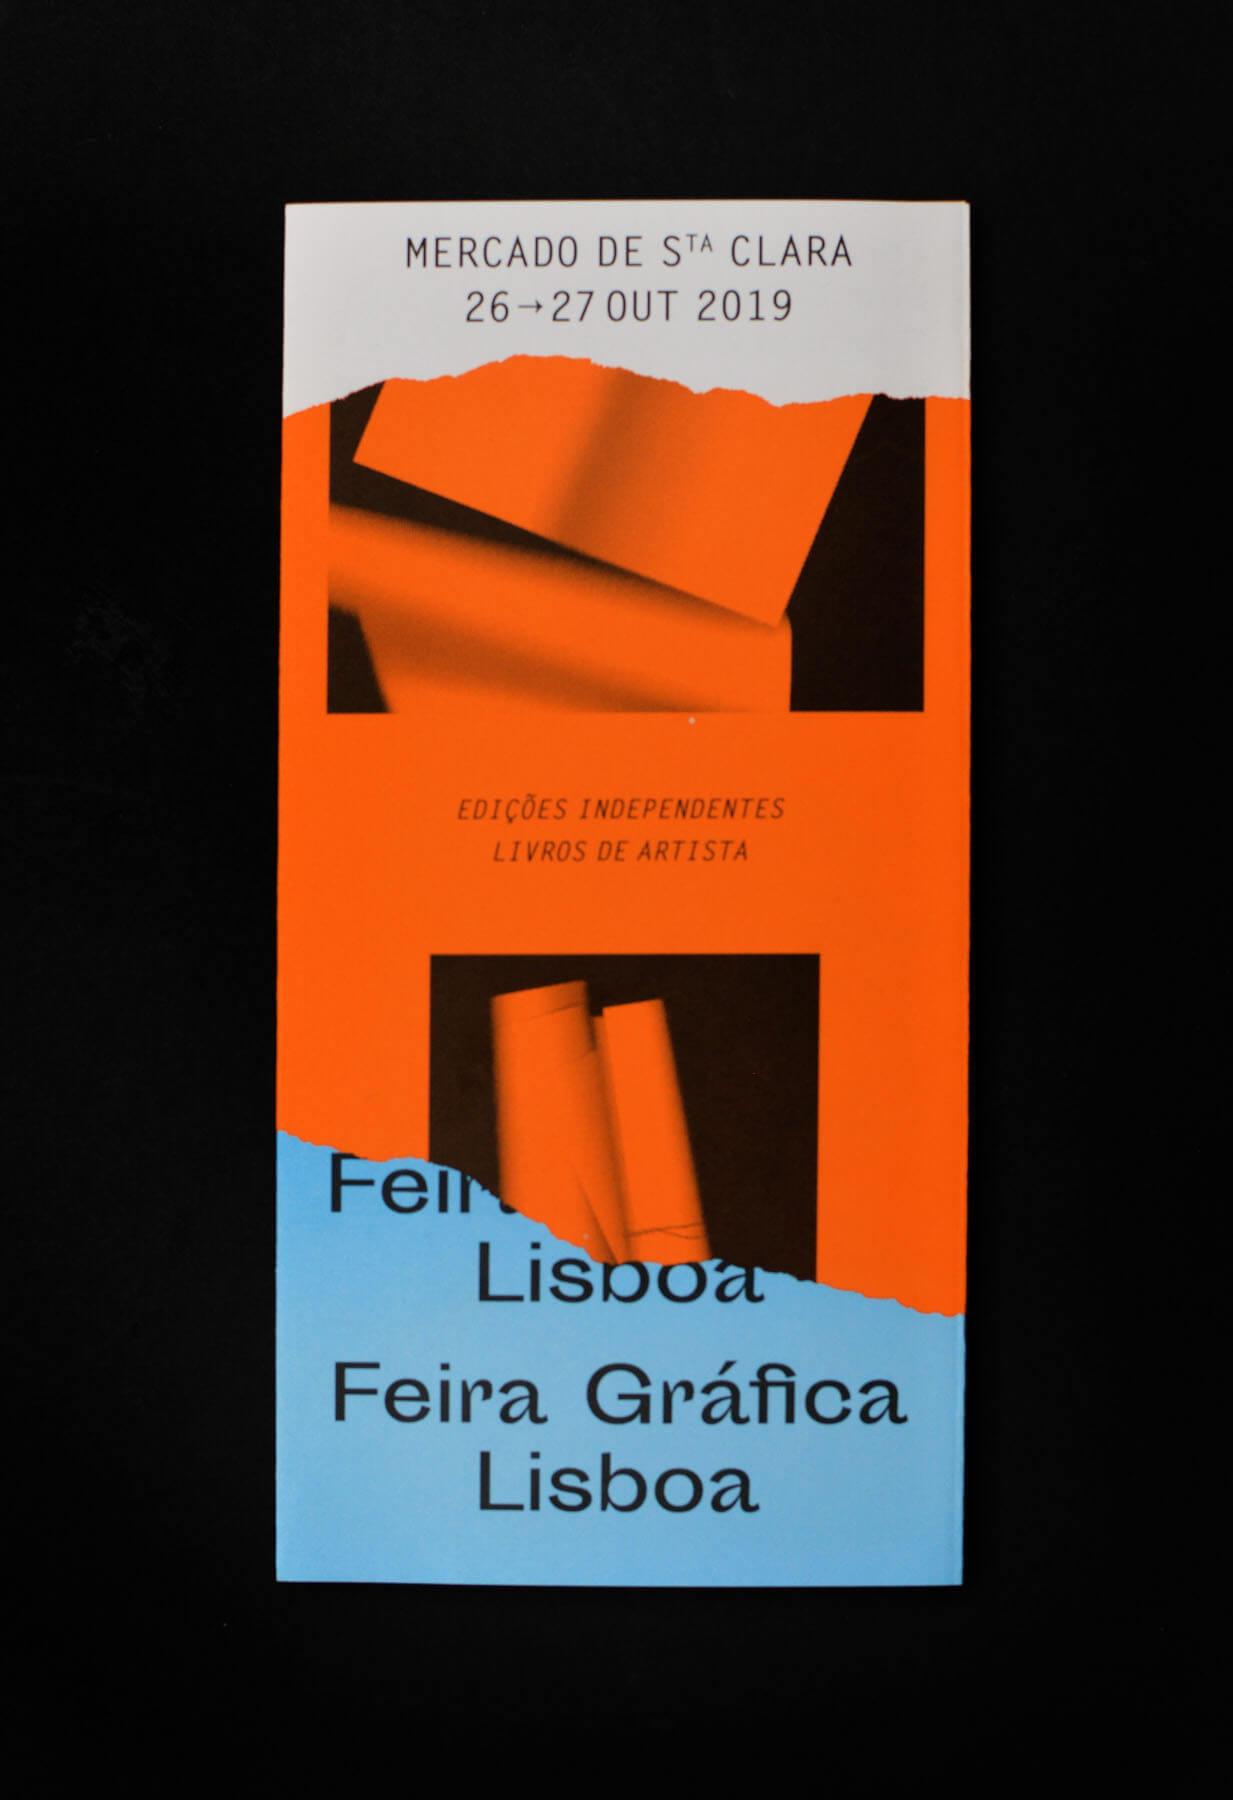 feira grafica 2019 isabel lucena 03